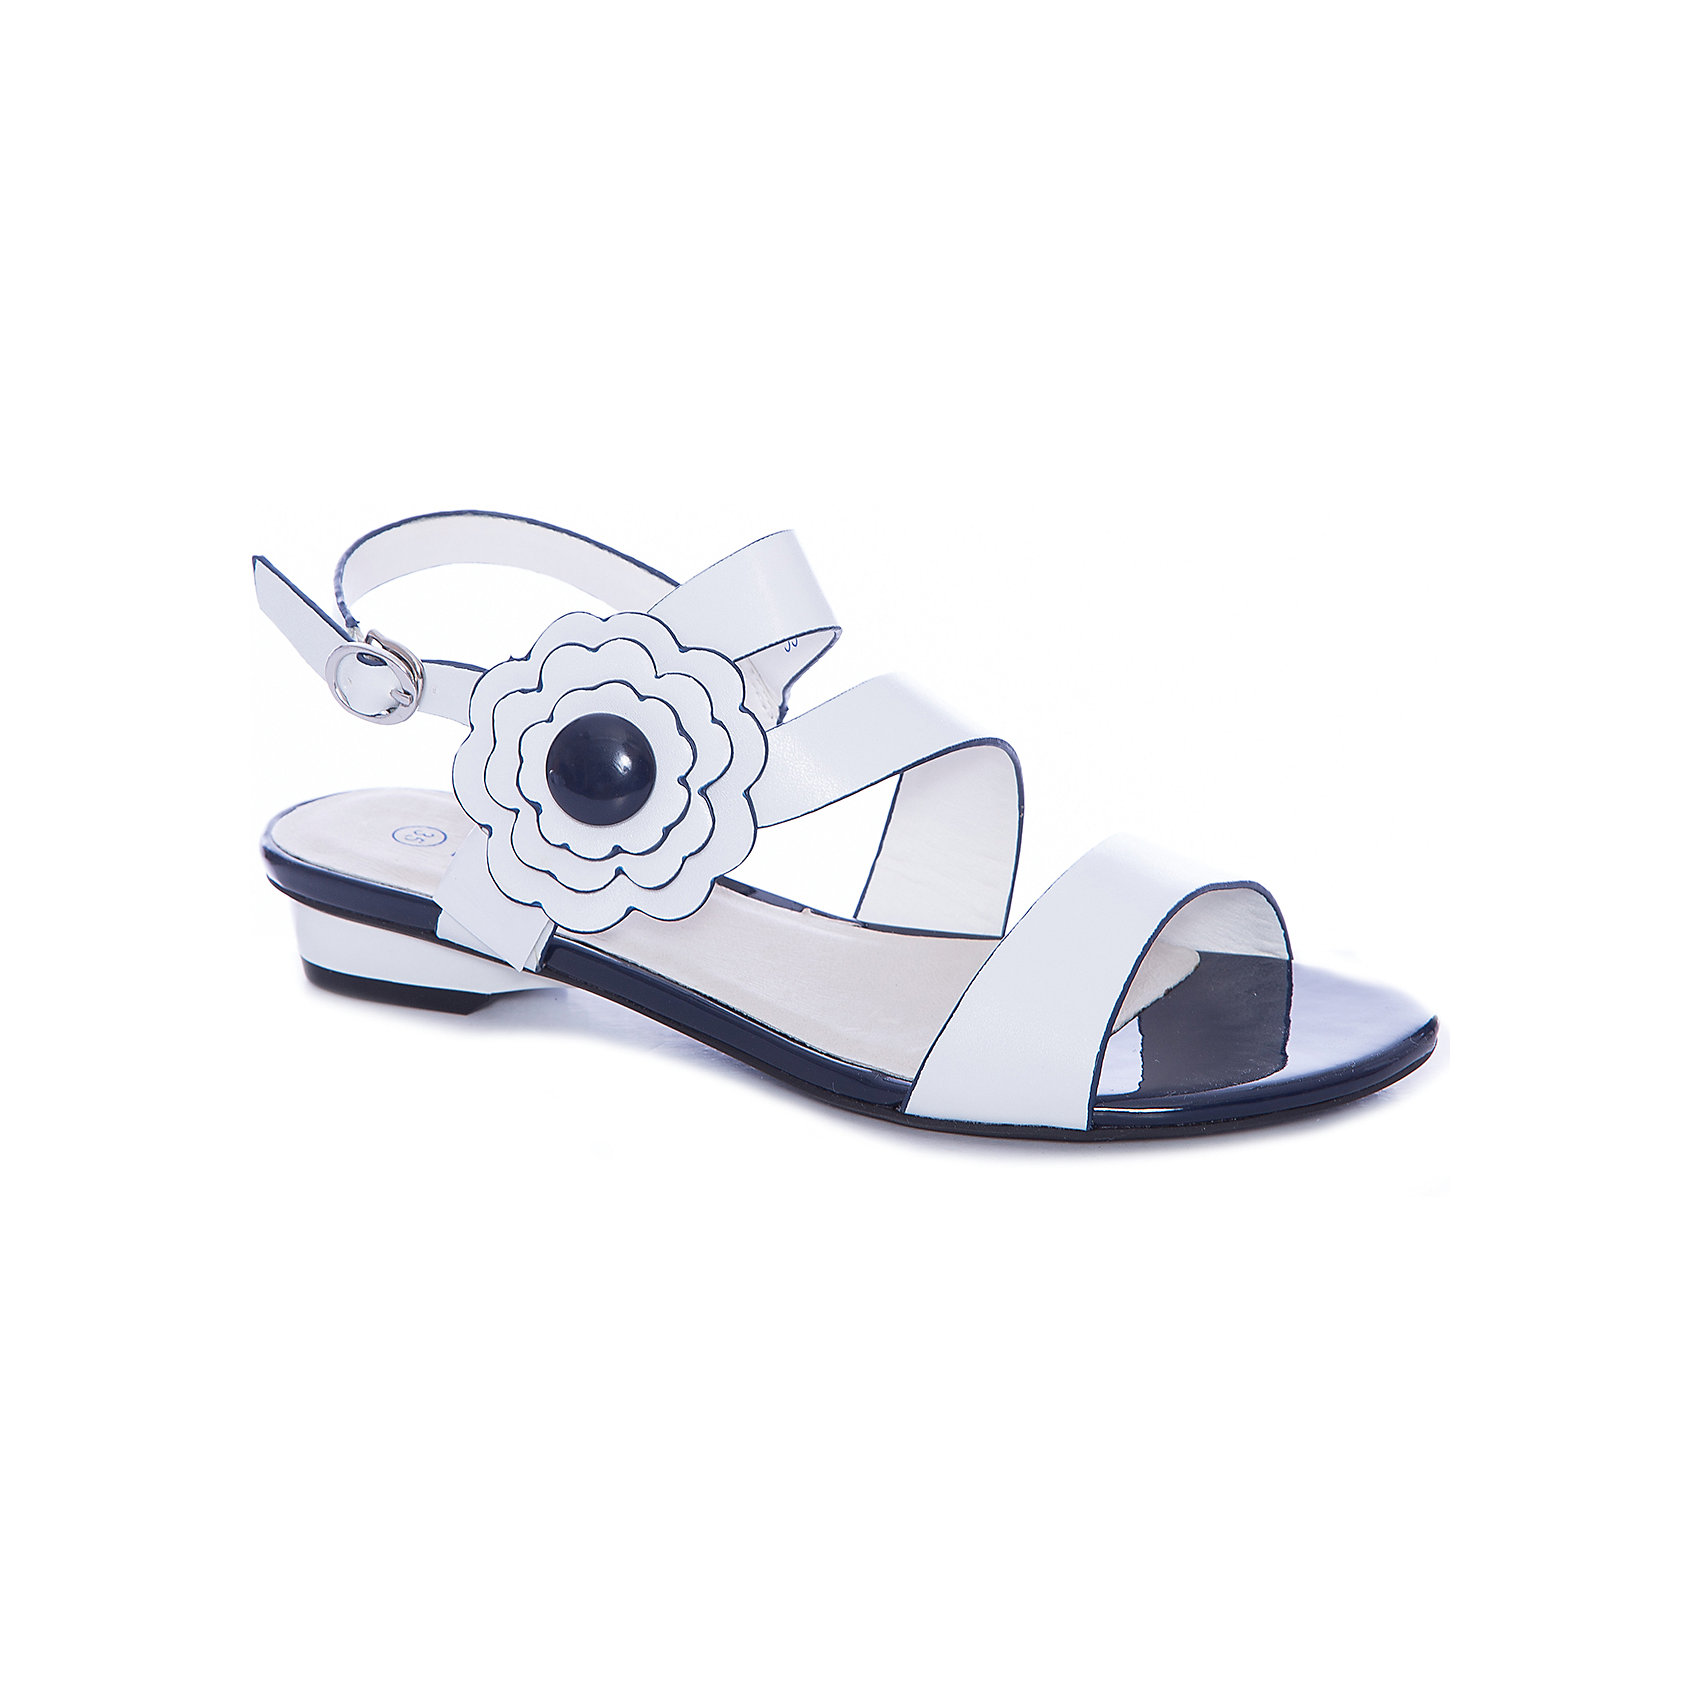 Босоножки для девочки MURSUБосоножки<br>Компания Mursu (Мурсу) создает потрясающую городскую обувь для детей, ценящих стиль и комфорт. В дизайне босоножек Mursu (Мурсу) проявляется романтический стиль их обладательницы! Открытый носок, переплетение ремешков и брошь с изящным цветком делают сандалии очень привлекательными. Они отлично подойдут и к платью и к шортам. Стелька из натуральной кожи создает оптимальный микроклимат для ножки девочки. Одевать босоножки невероятно легко, удобный регулируемый ремешок позволит зафиксировать ножку девочки и не будет натирать. Босоножки Mursu (Мурсу) станут любимой летней обувью девочки!<br><br>Дополнительная информация:<br><br>- Сезон: лето;<br>- Стелька: натуральная кожа;<br>- Материал верха: искусственная кожа;     <br>- Подкладка: искусственная кожа;<br>- Материал подошвы: TPR;                                                                                                                     <br>- Стильный дизайн.<br>                                                         <br>Босоножки для девочки Mursu (Мурсу) можно купить в нашем интернет-магазине.<br><br>Ширина мм: 227<br>Глубина мм: 145<br>Высота мм: 124<br>Вес г: 325<br>Цвет: белый<br>Возраст от месяцев: 132<br>Возраст до месяцев: 144<br>Пол: Женский<br>Возраст: Детский<br>Размер: 34,33,35,32,36,37<br>SKU: 4022702